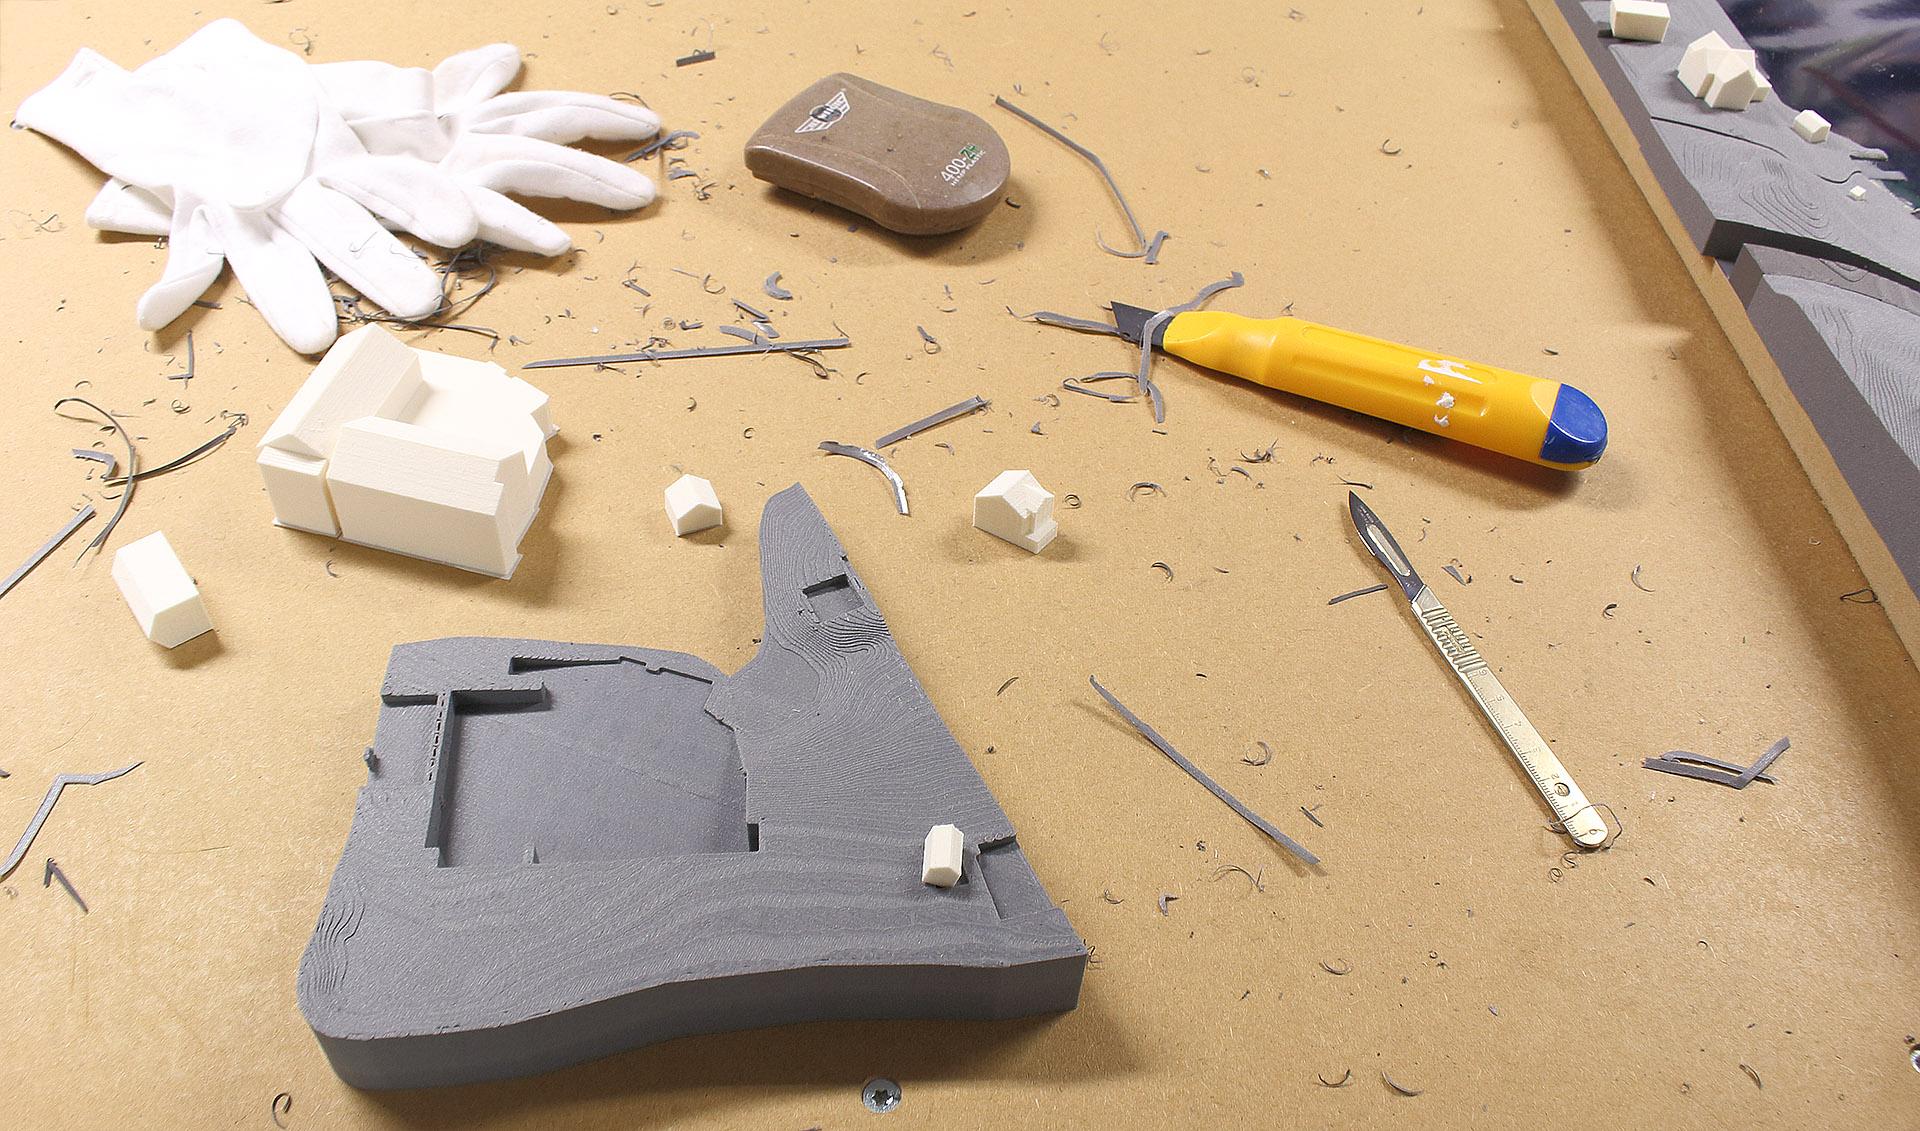 10 - Cutting The Brim